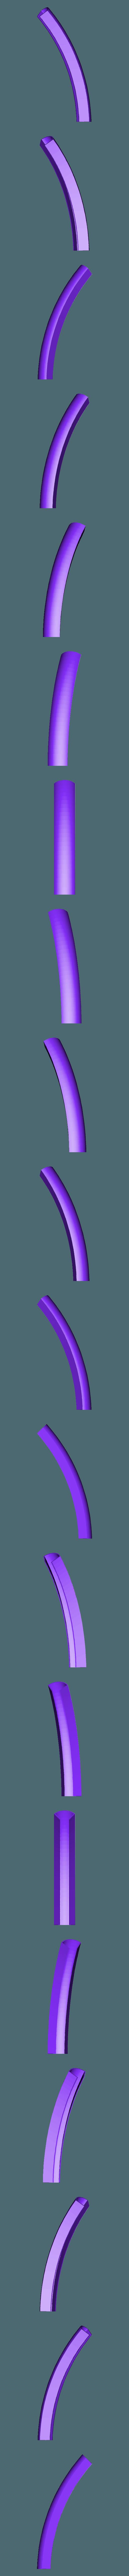 Aro 1 (6).stl Télécharger fichier STL gratuit Lampe - Circulaire LED - Circulaire • Design pour impression 3D, JDF89